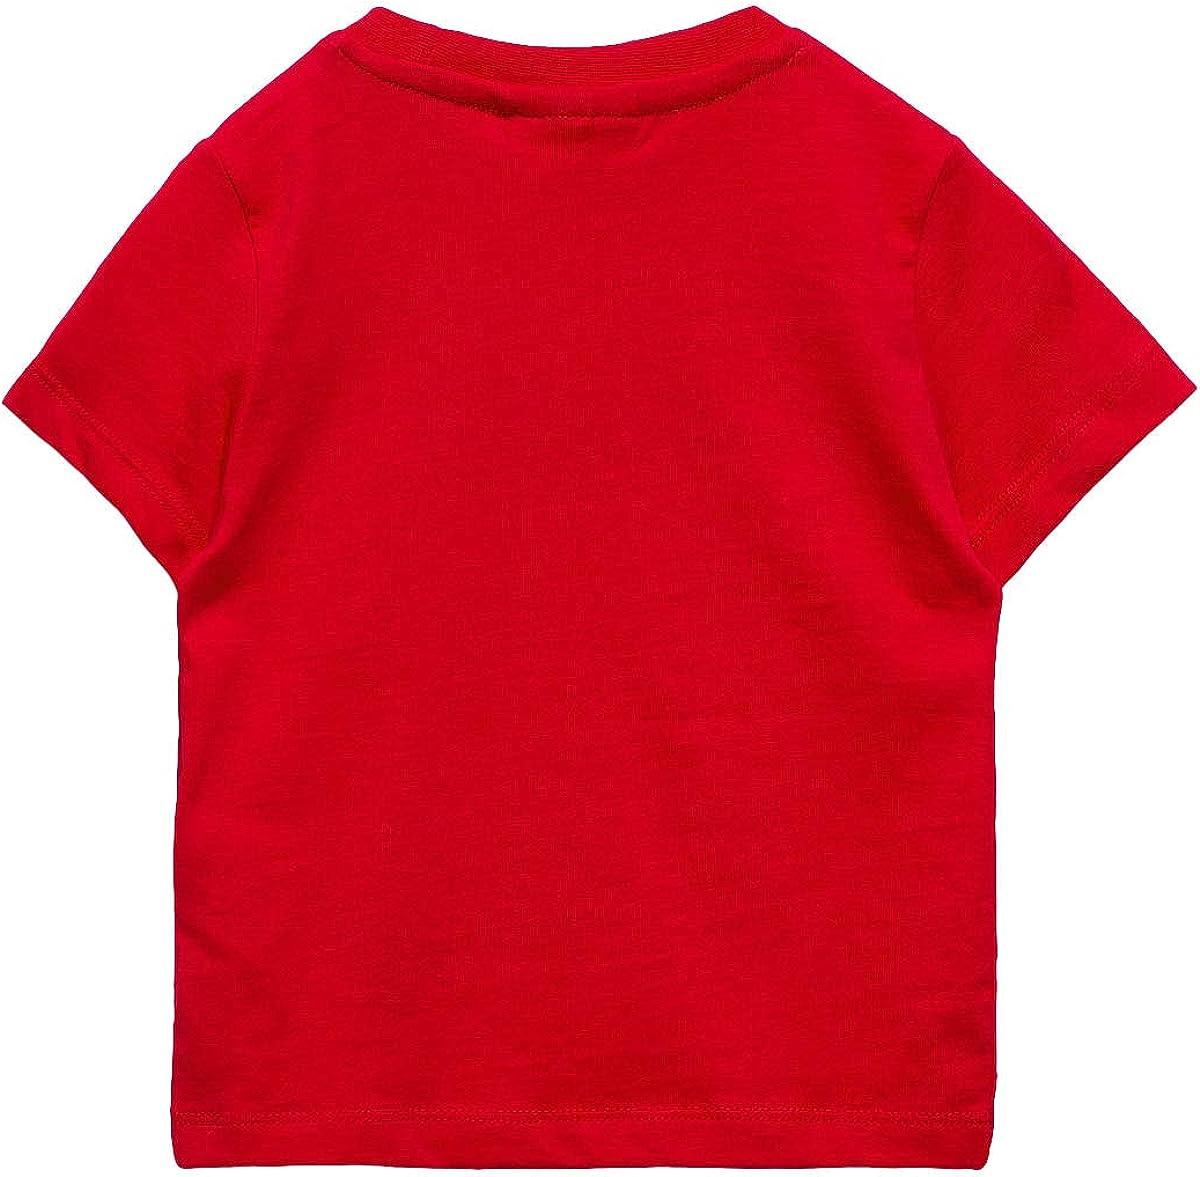 Fila T-Shirts And Tops 688316 Bambino